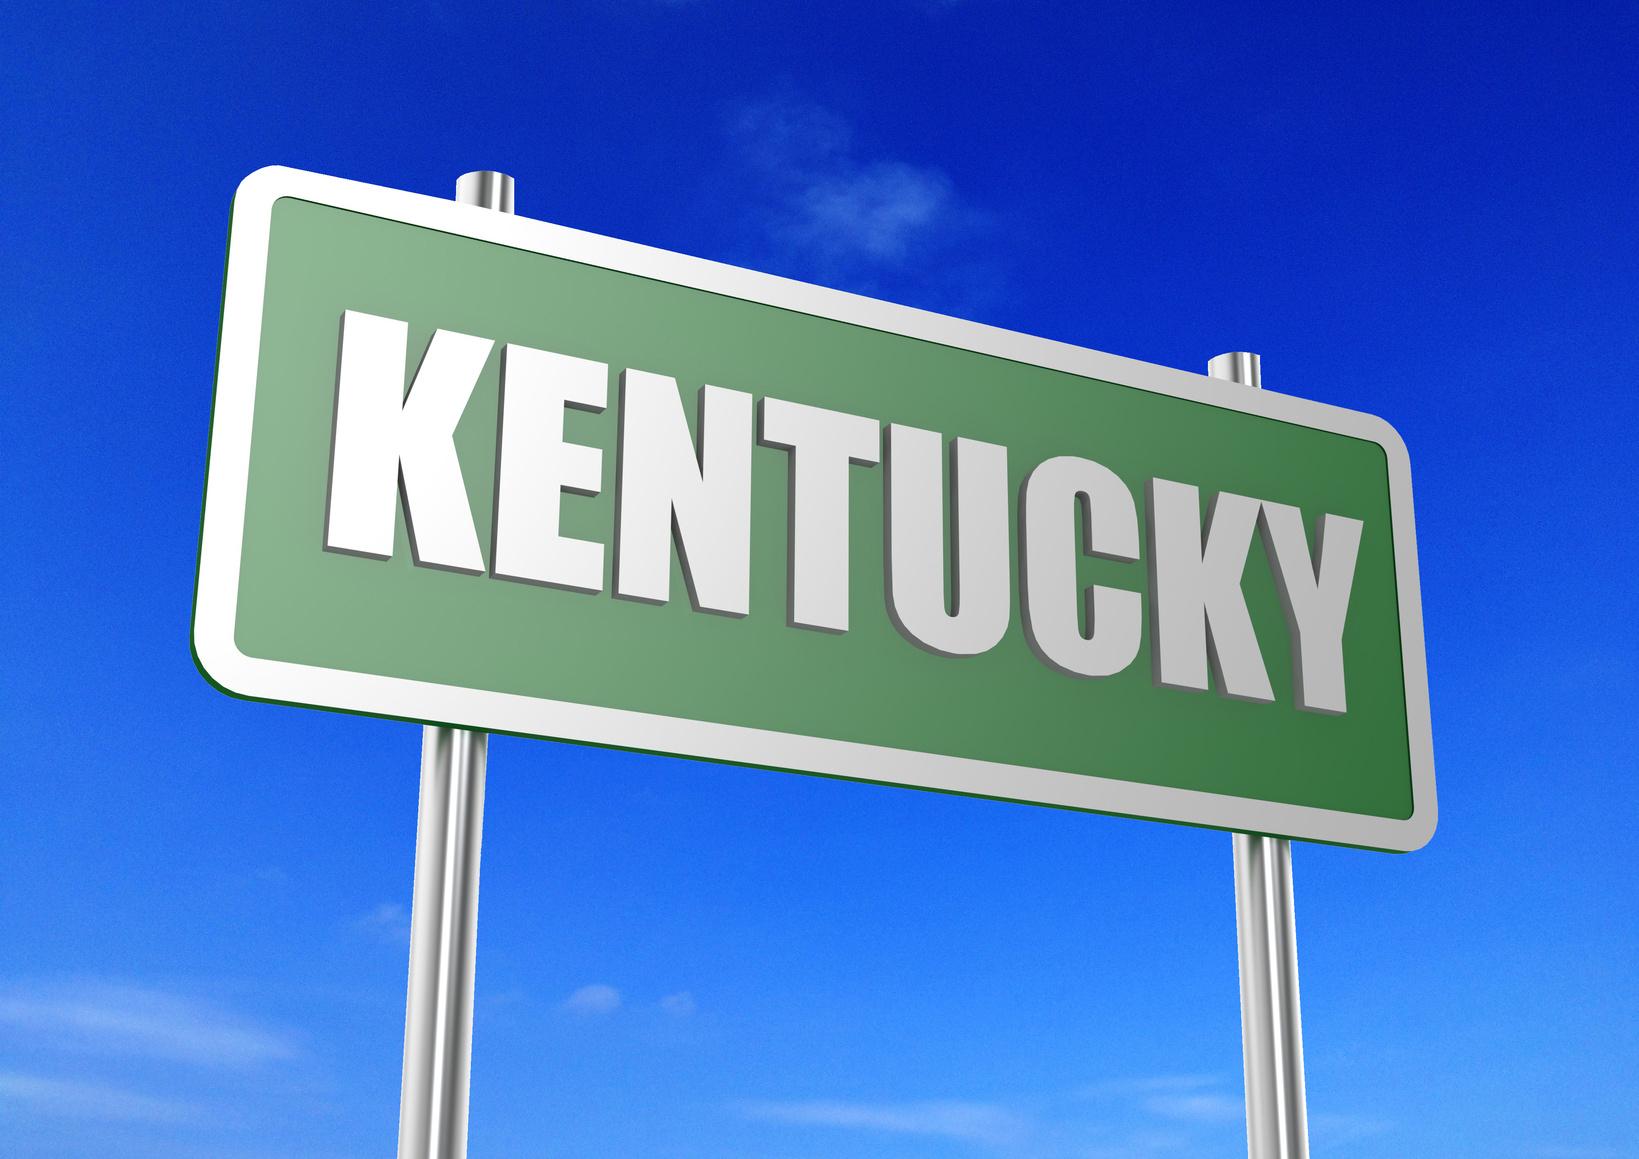 Kentucky_sign.jpg